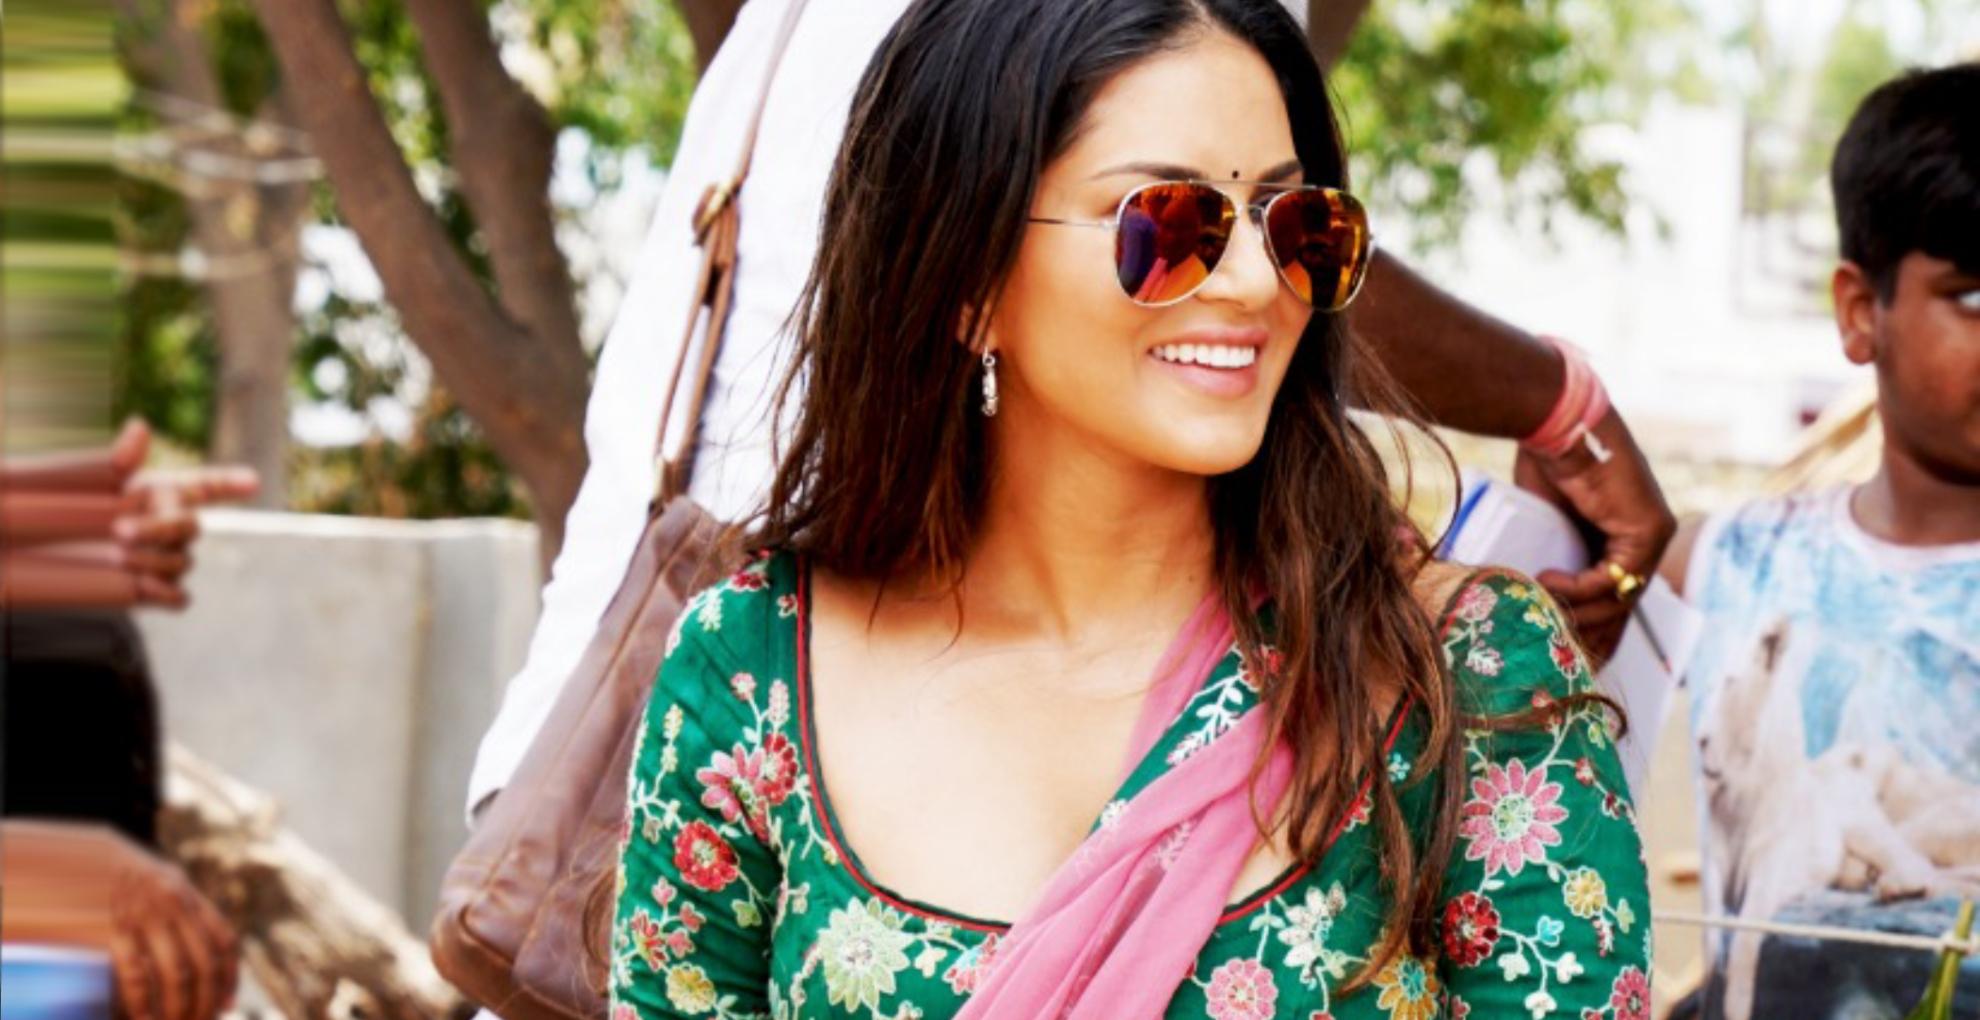 सनी लियोनी फिल्म कोका कोला के लिए सीख रही हैं भोजपुरी, सेट पर दिखा एक्ट्रेस का खूबसूरत देसी लुक